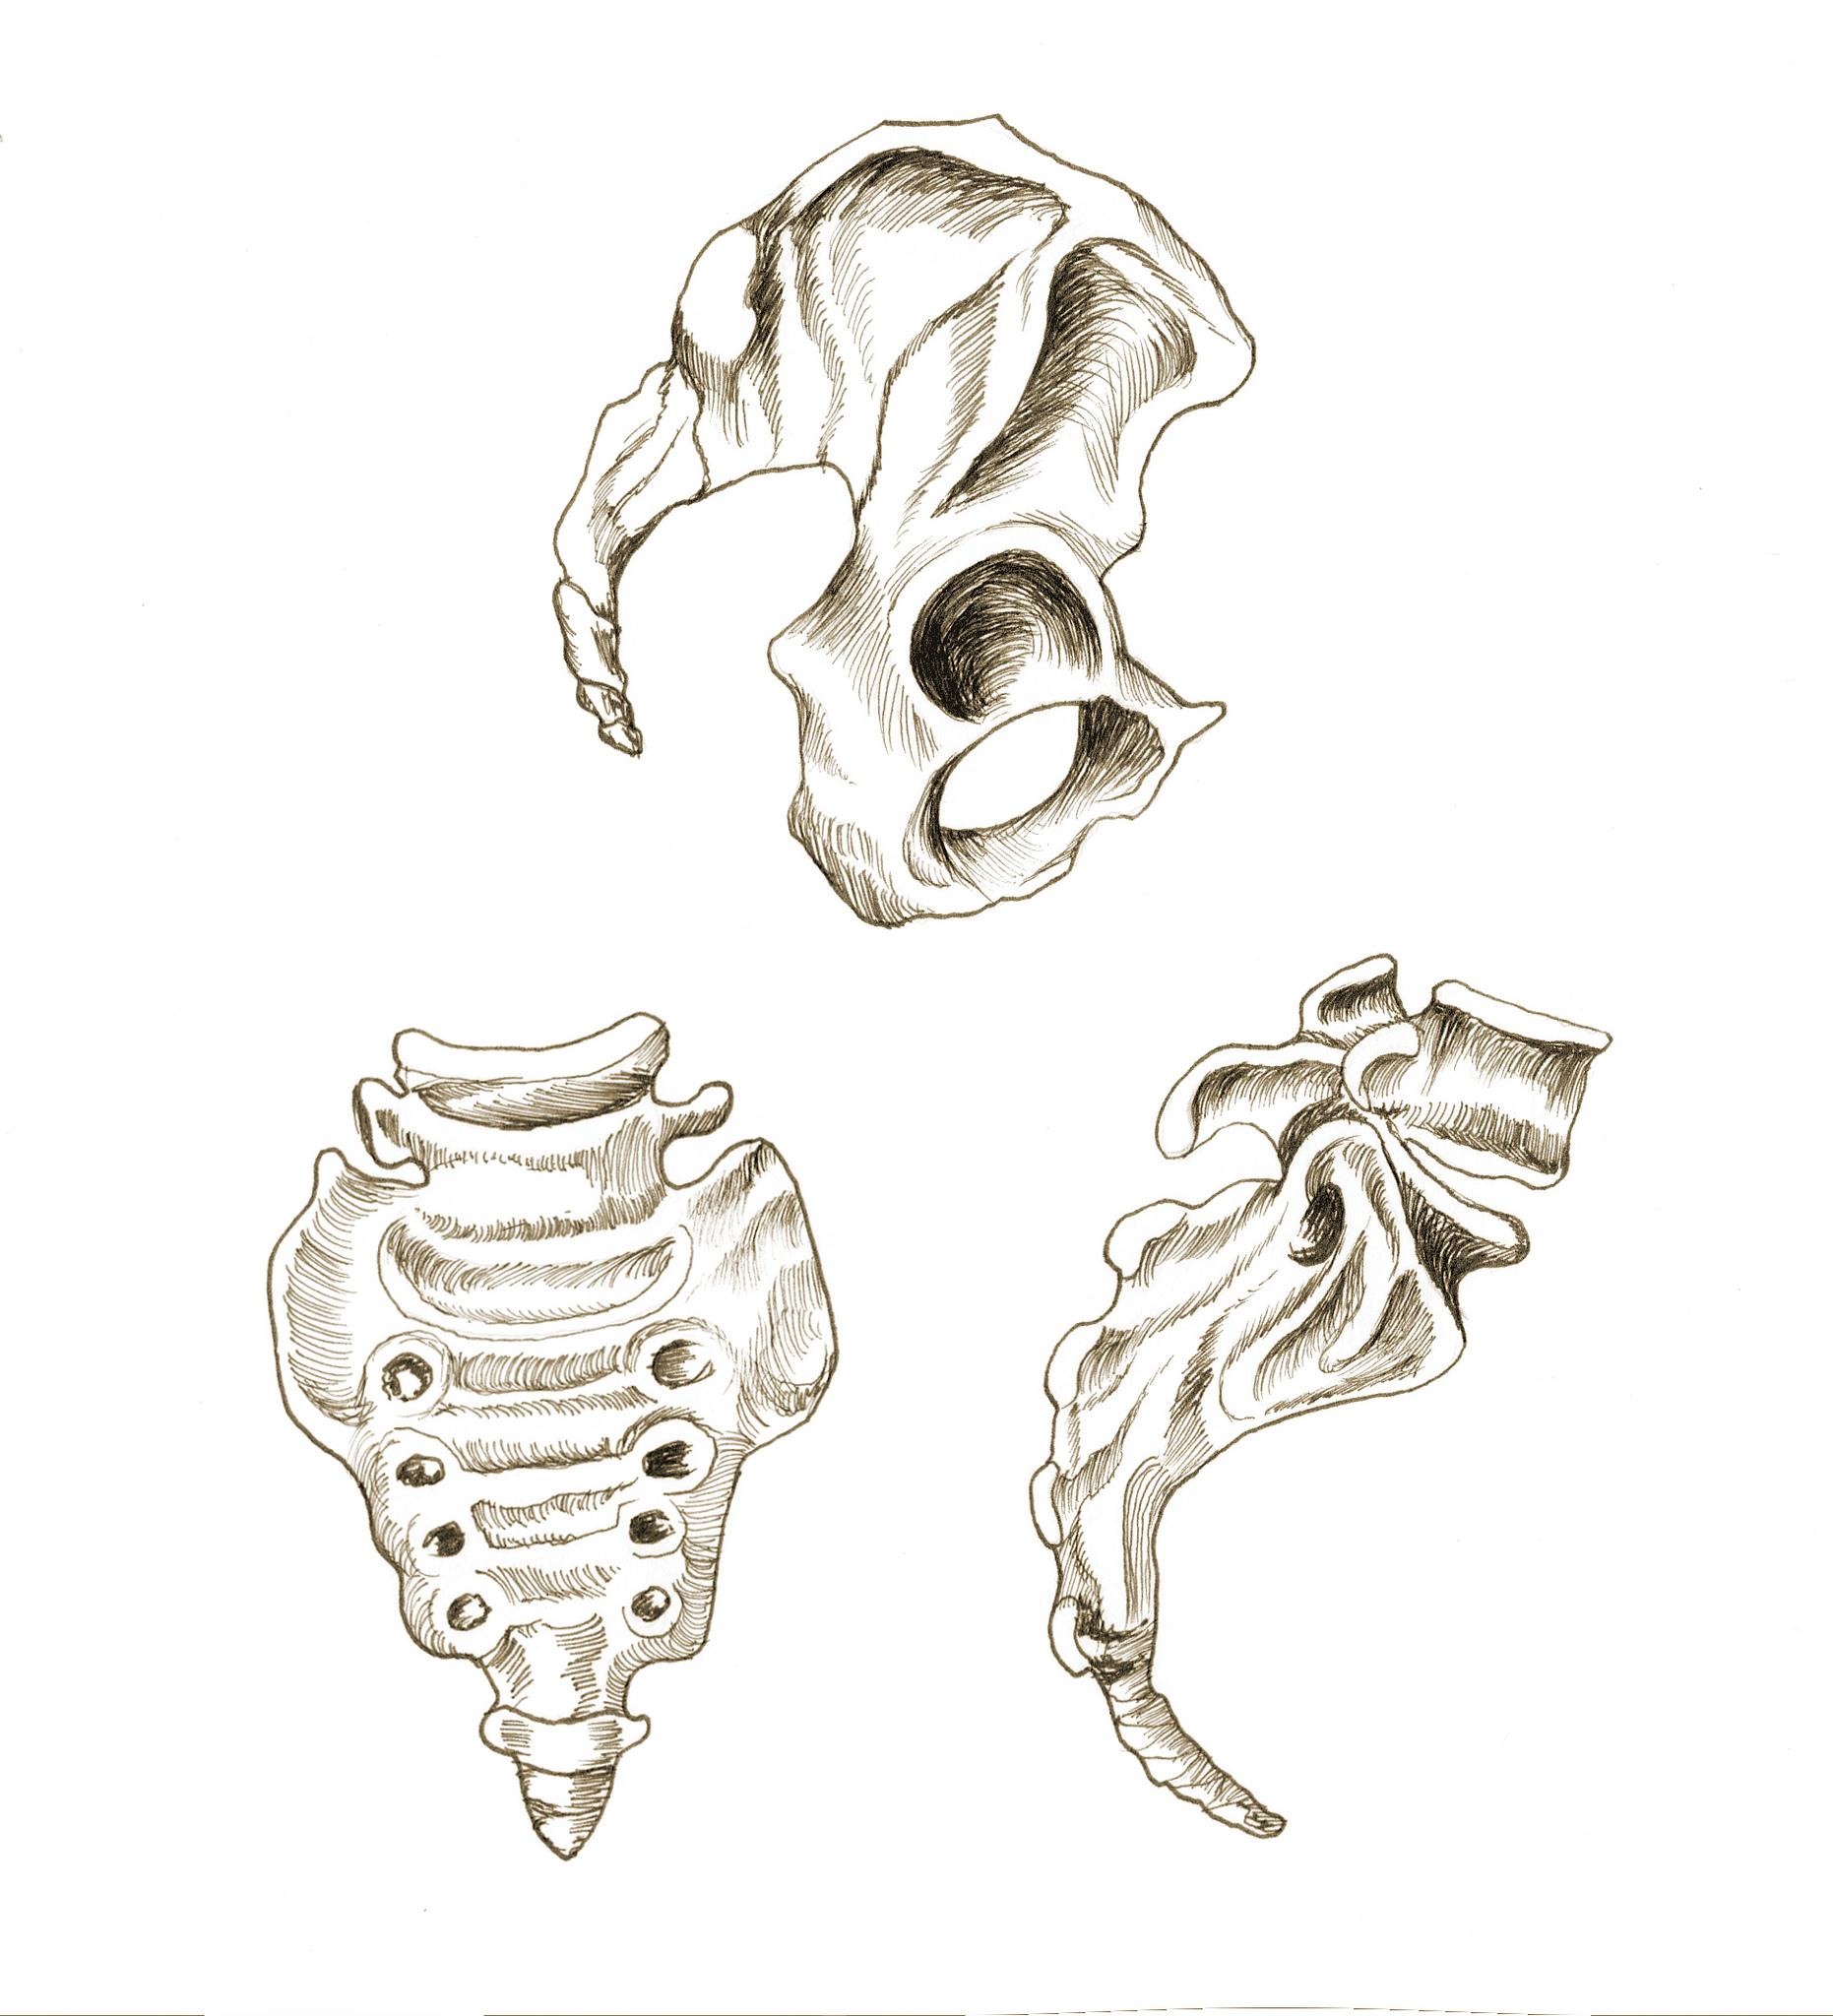 Rysunek szkieletu miednicy i kości ogonowej